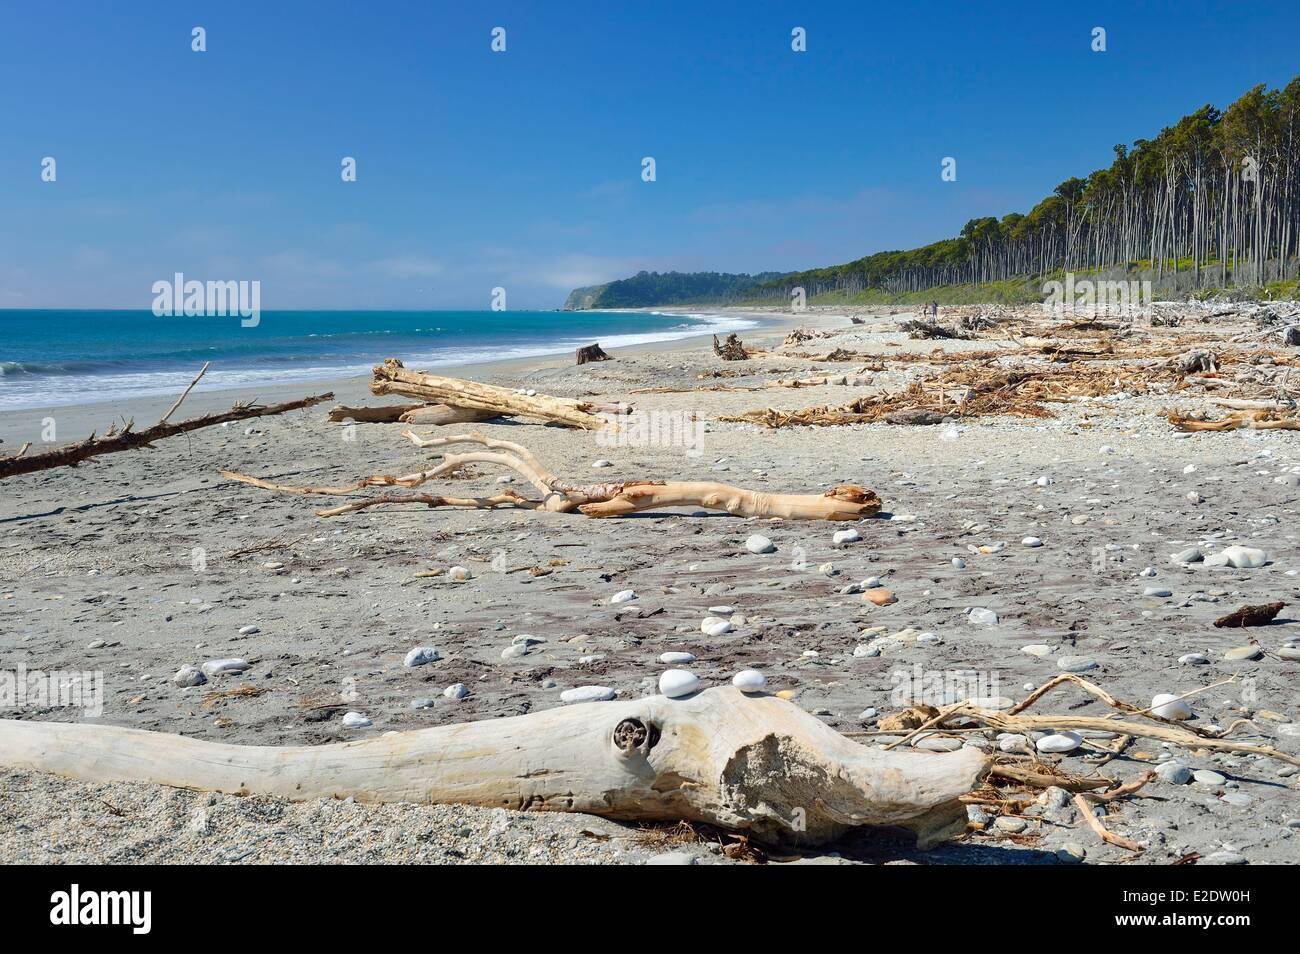 Nueva Zelanda, Isla del Sur, región de la costa oeste de la Bahía de Bruce en el Mar de Tasmania Foto de stock